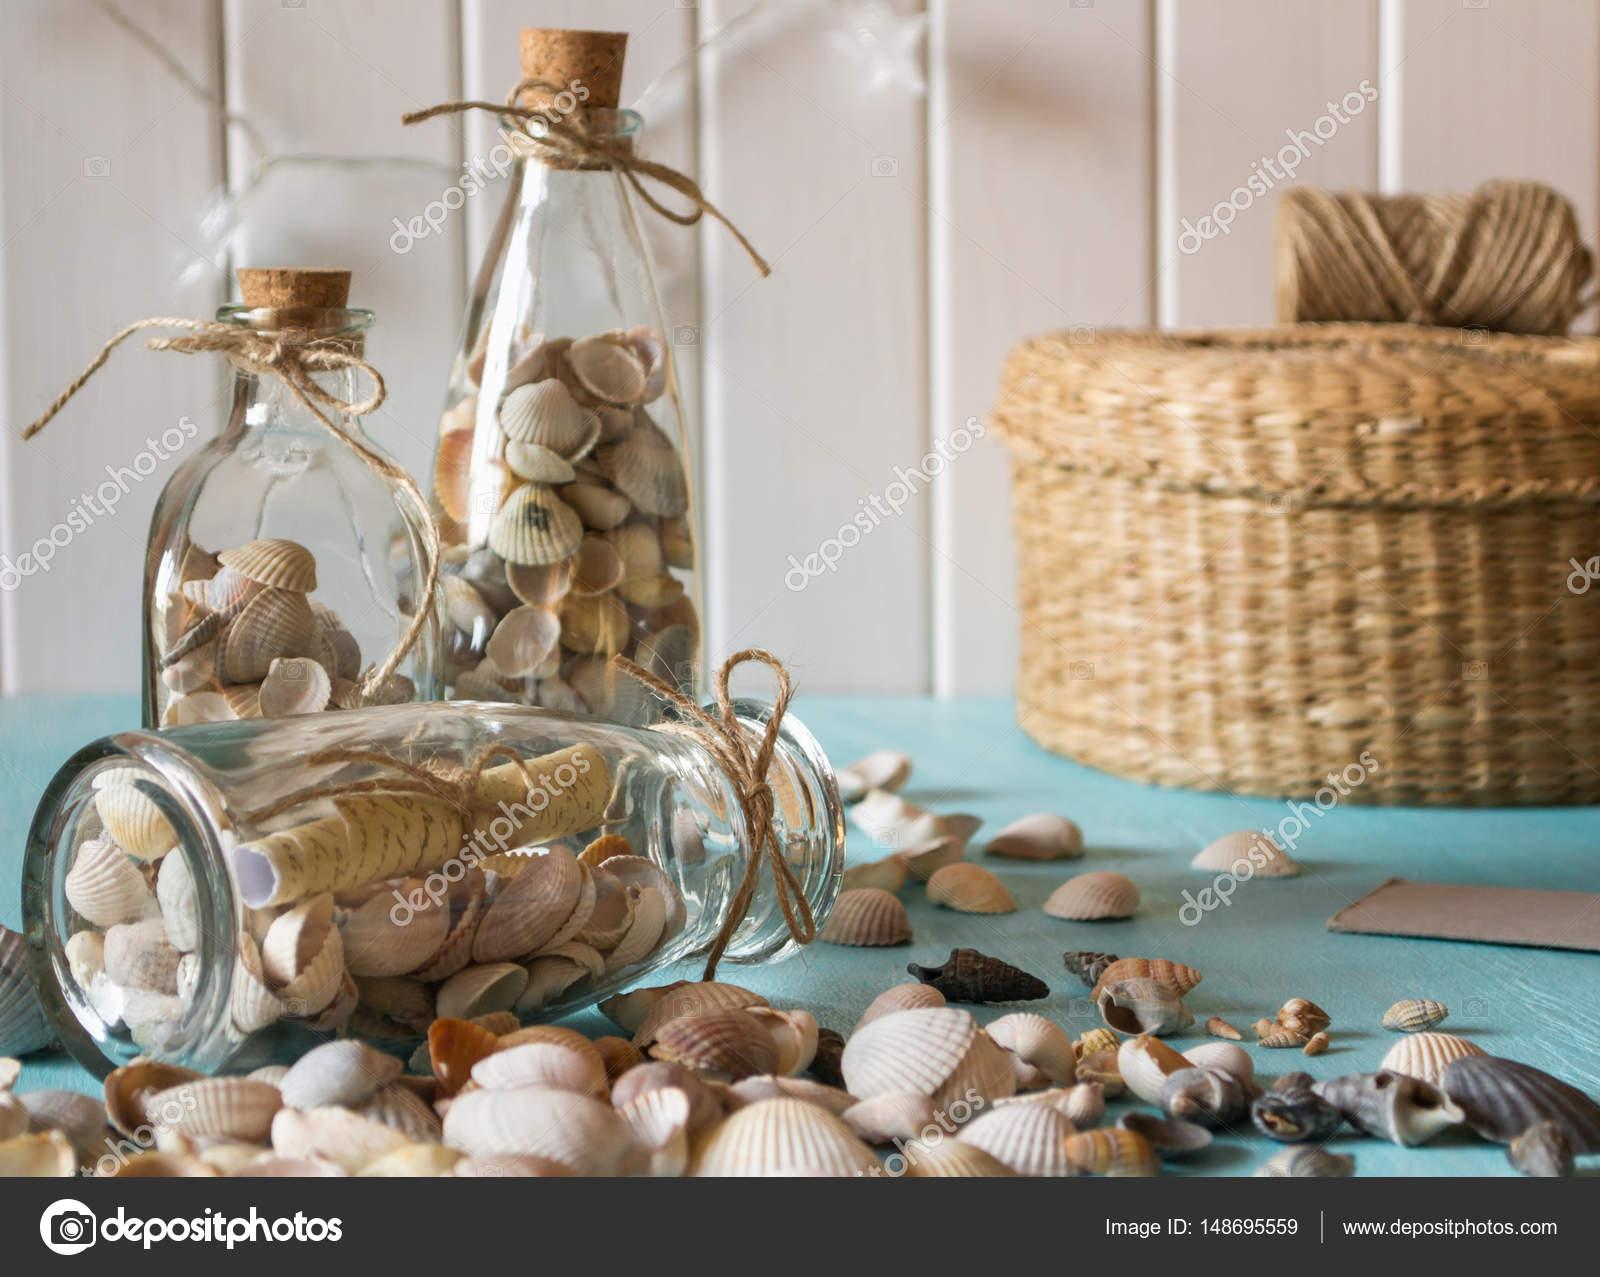 id e de d coration int rieure avec les coquillages et les bouteilles en verre photographie. Black Bedroom Furniture Sets. Home Design Ideas